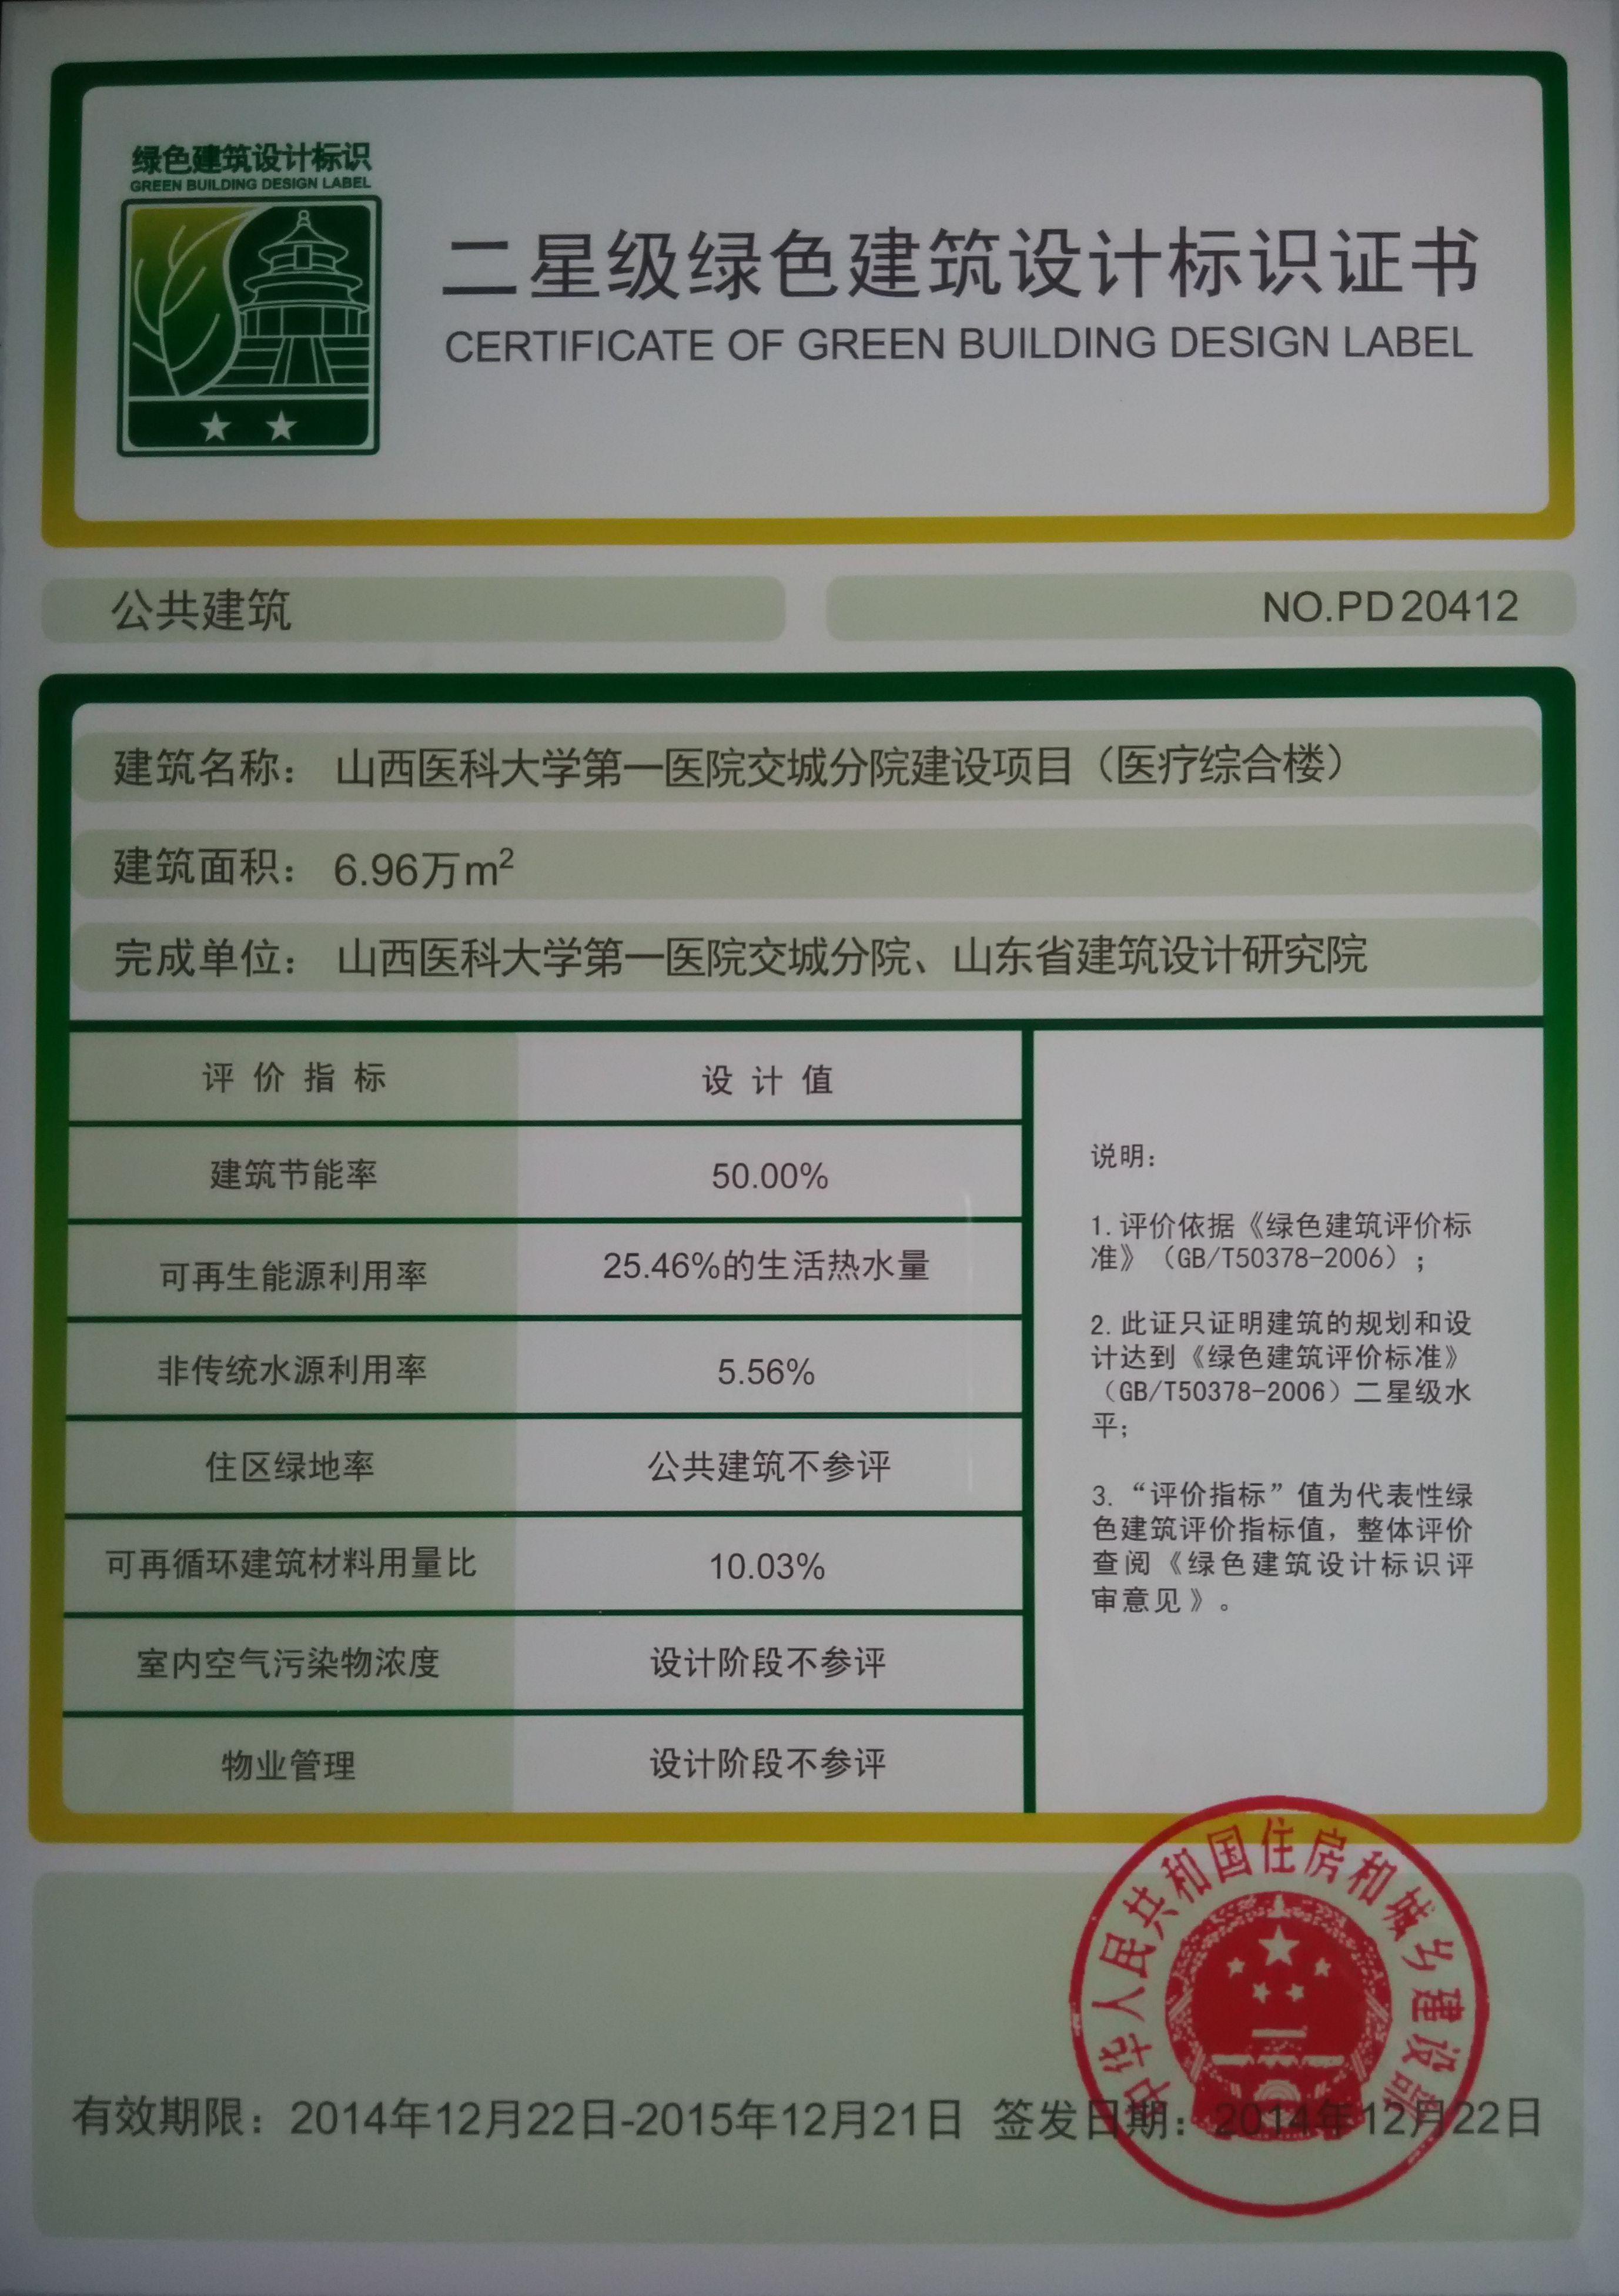 獲獎證書:交城分院榮獲二星級綠色建筑設計標識證書